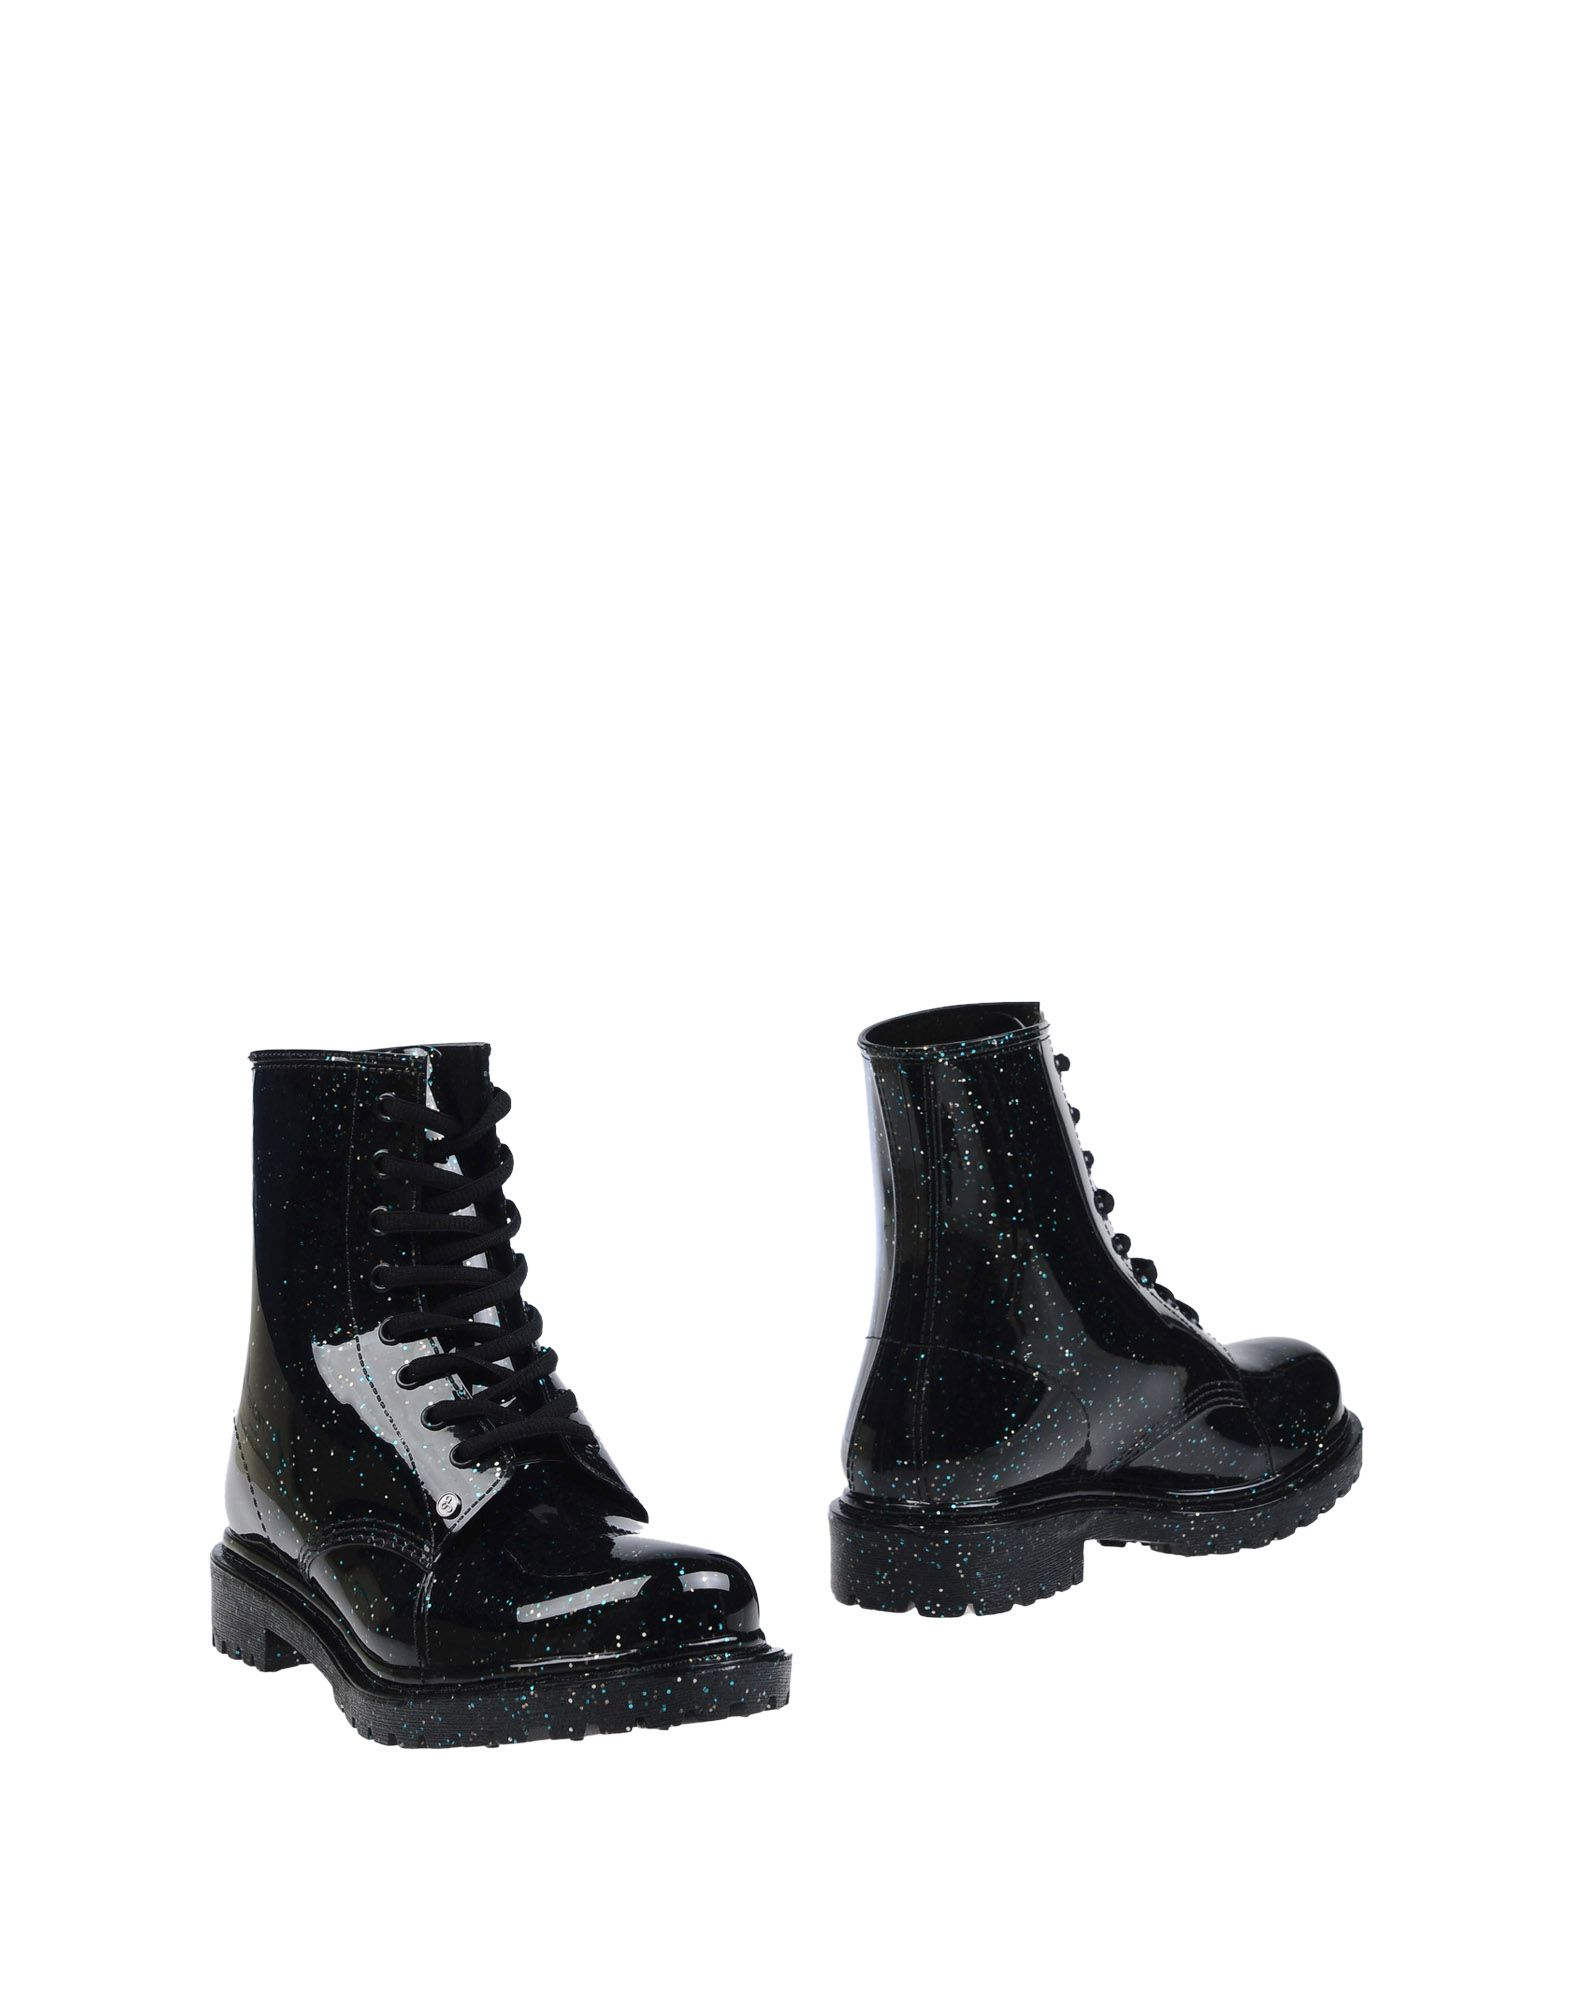 G•Six Workshop Stiefelette Damen  11257896EP Gute Qualität beliebte Schuhe